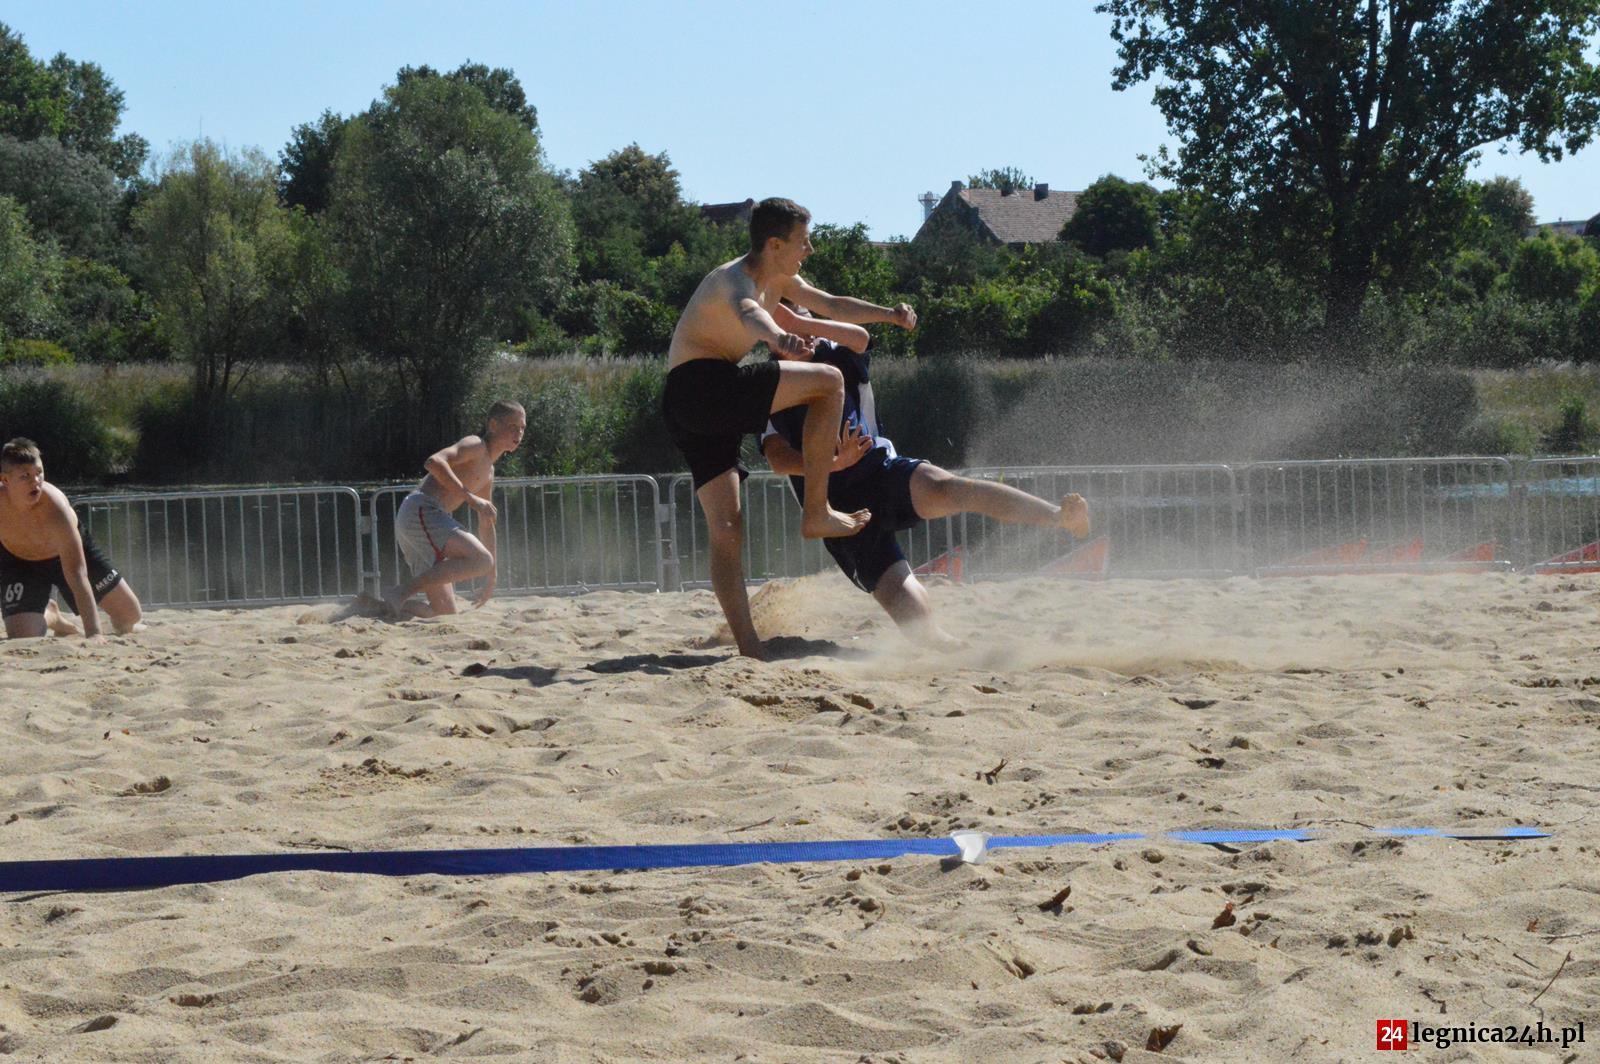 (FOTO) Kormoran Cup–turniej plażowej piłki nożnej